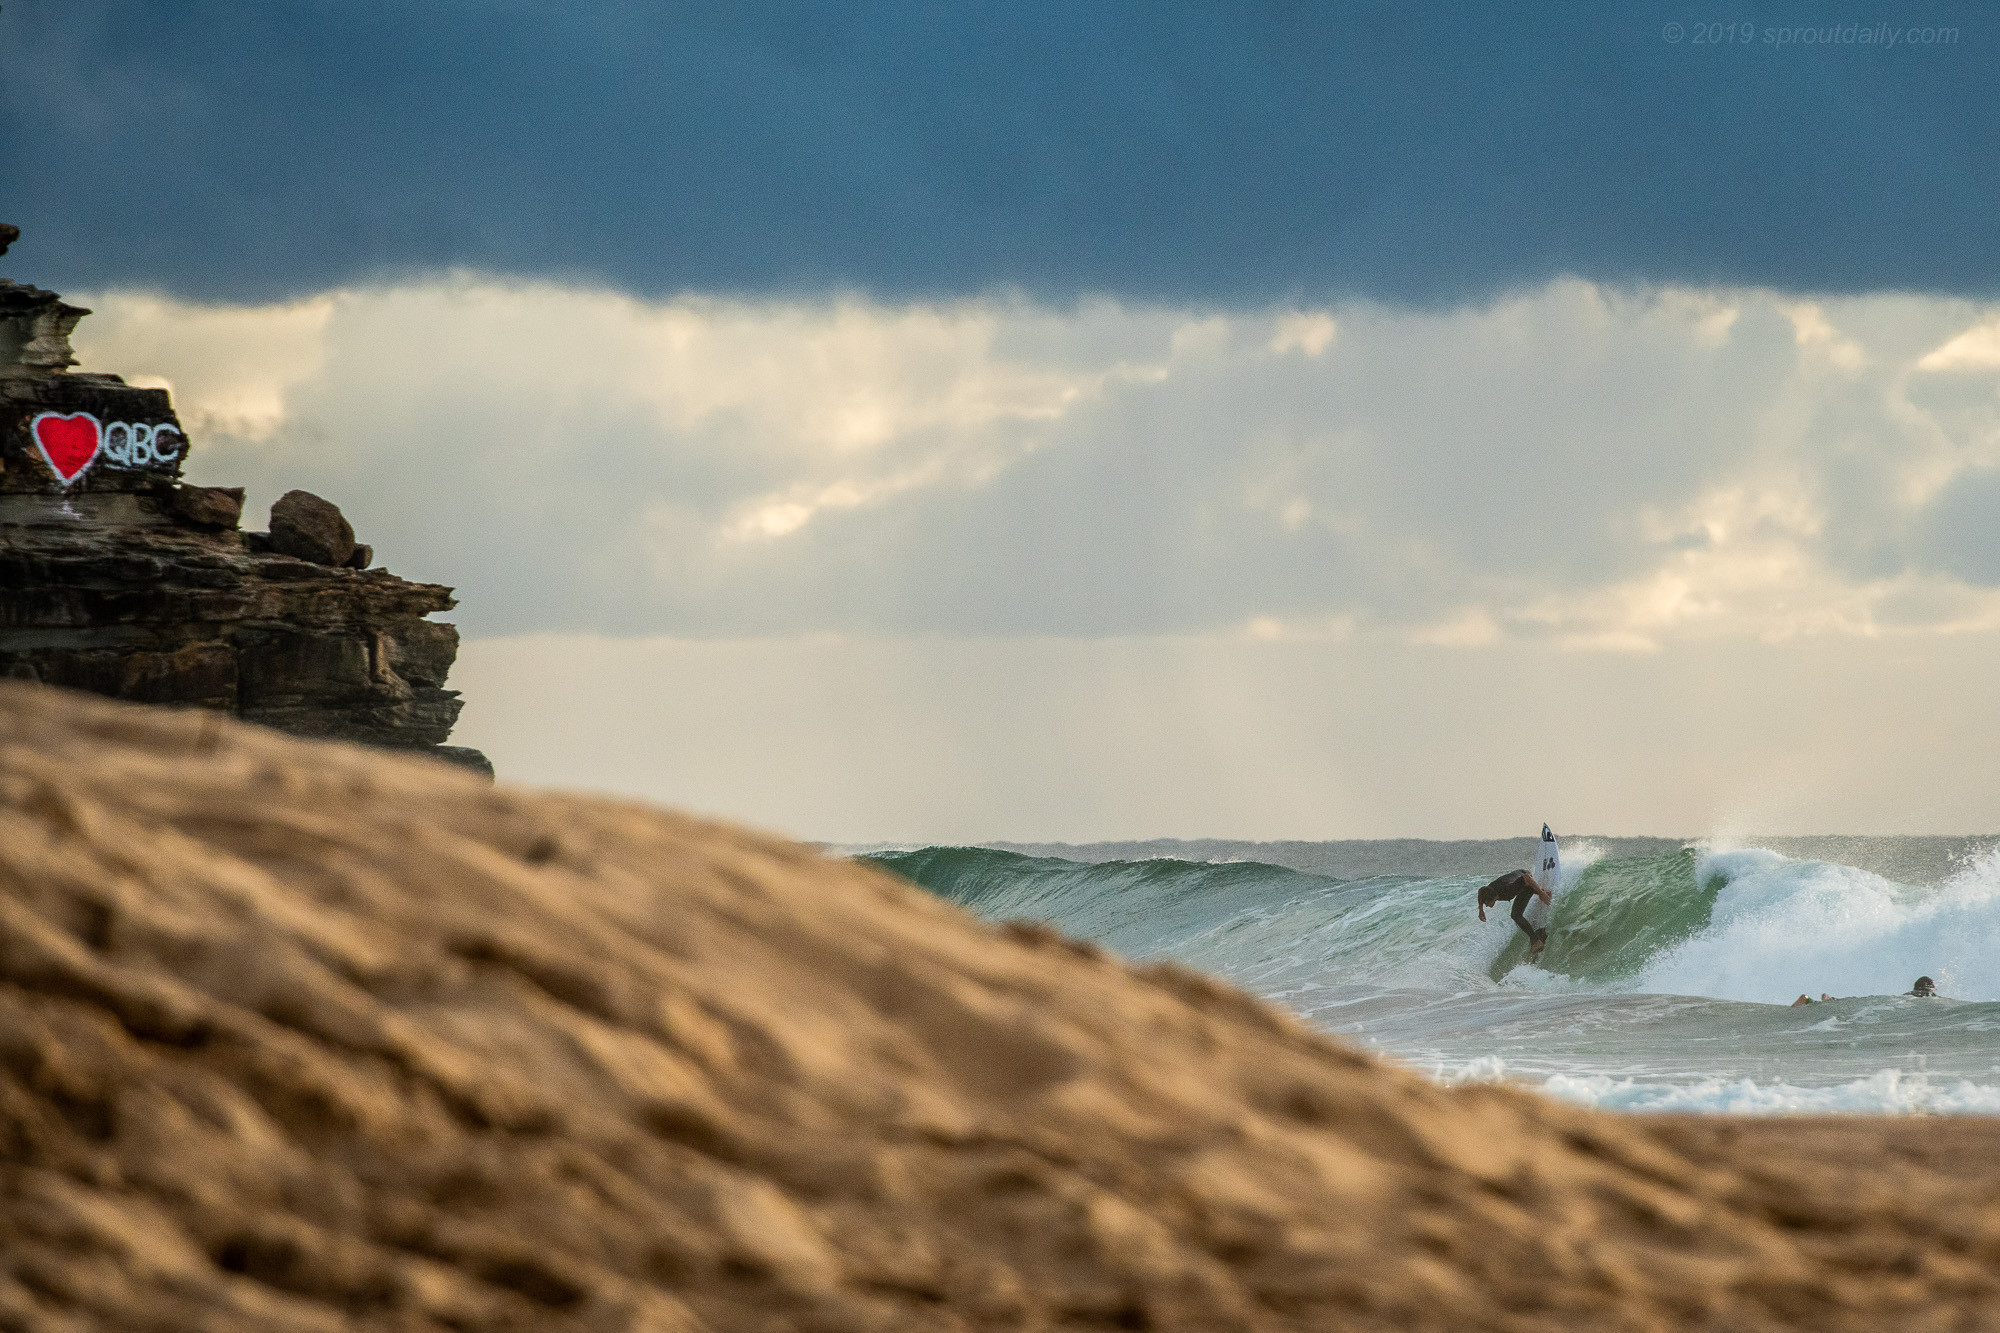 Queenscliff Sand